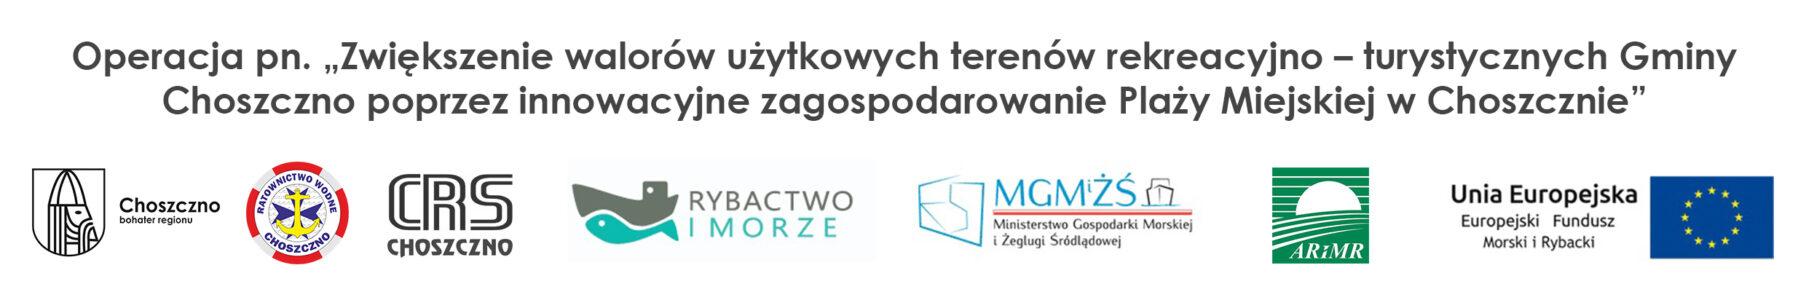 Zagospodarowanie plaży miejskiej w Choszcznie